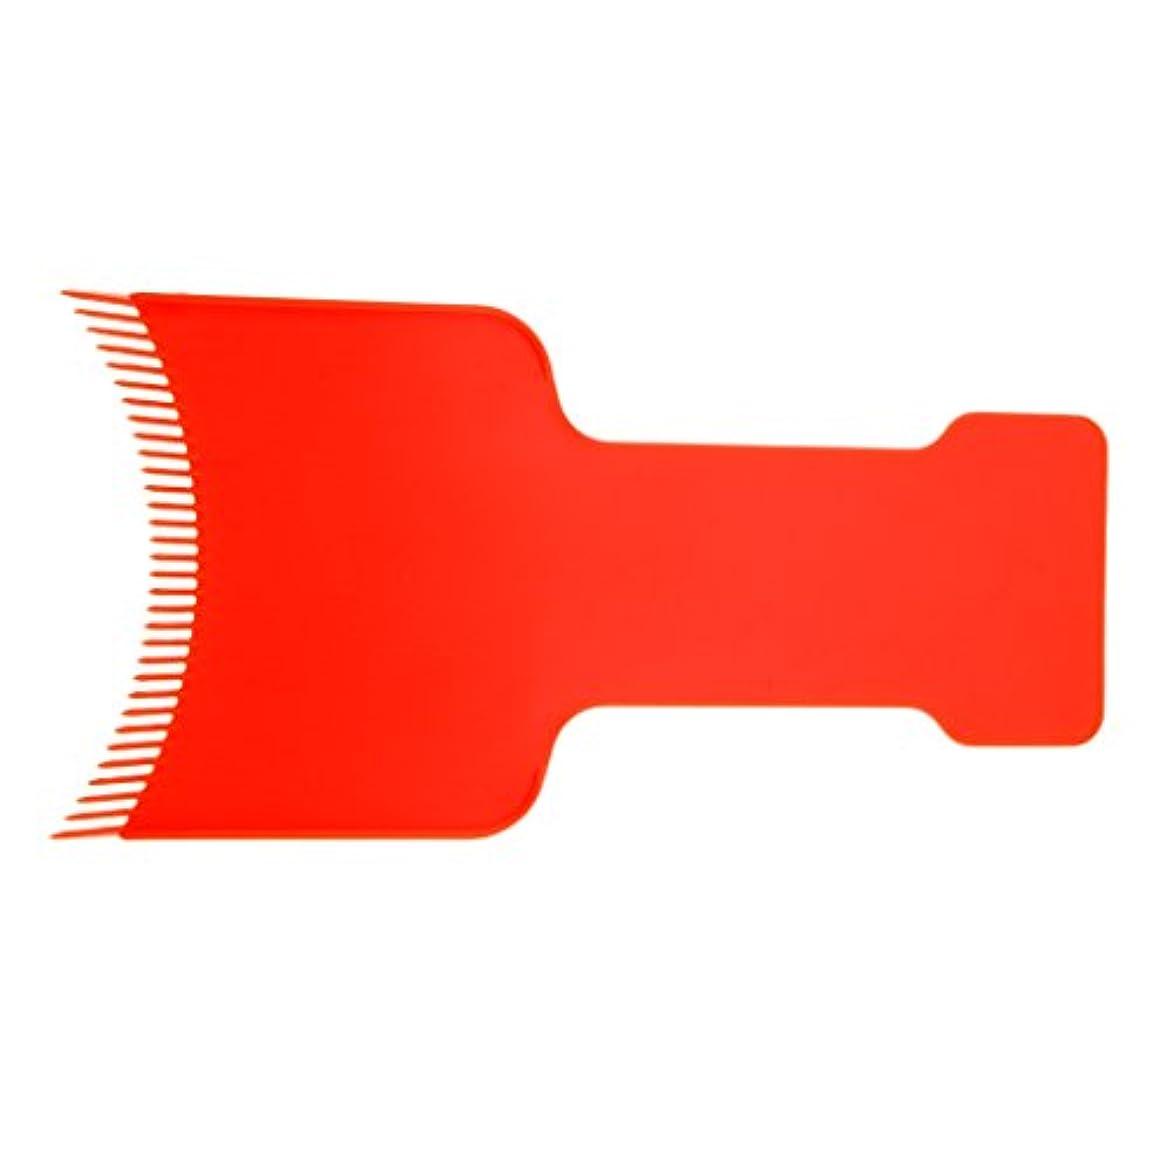 ジャムロープ意味するCUTICATE サロンヘアカラーボードヘアカラーティントプレート理髪美容美容 健康